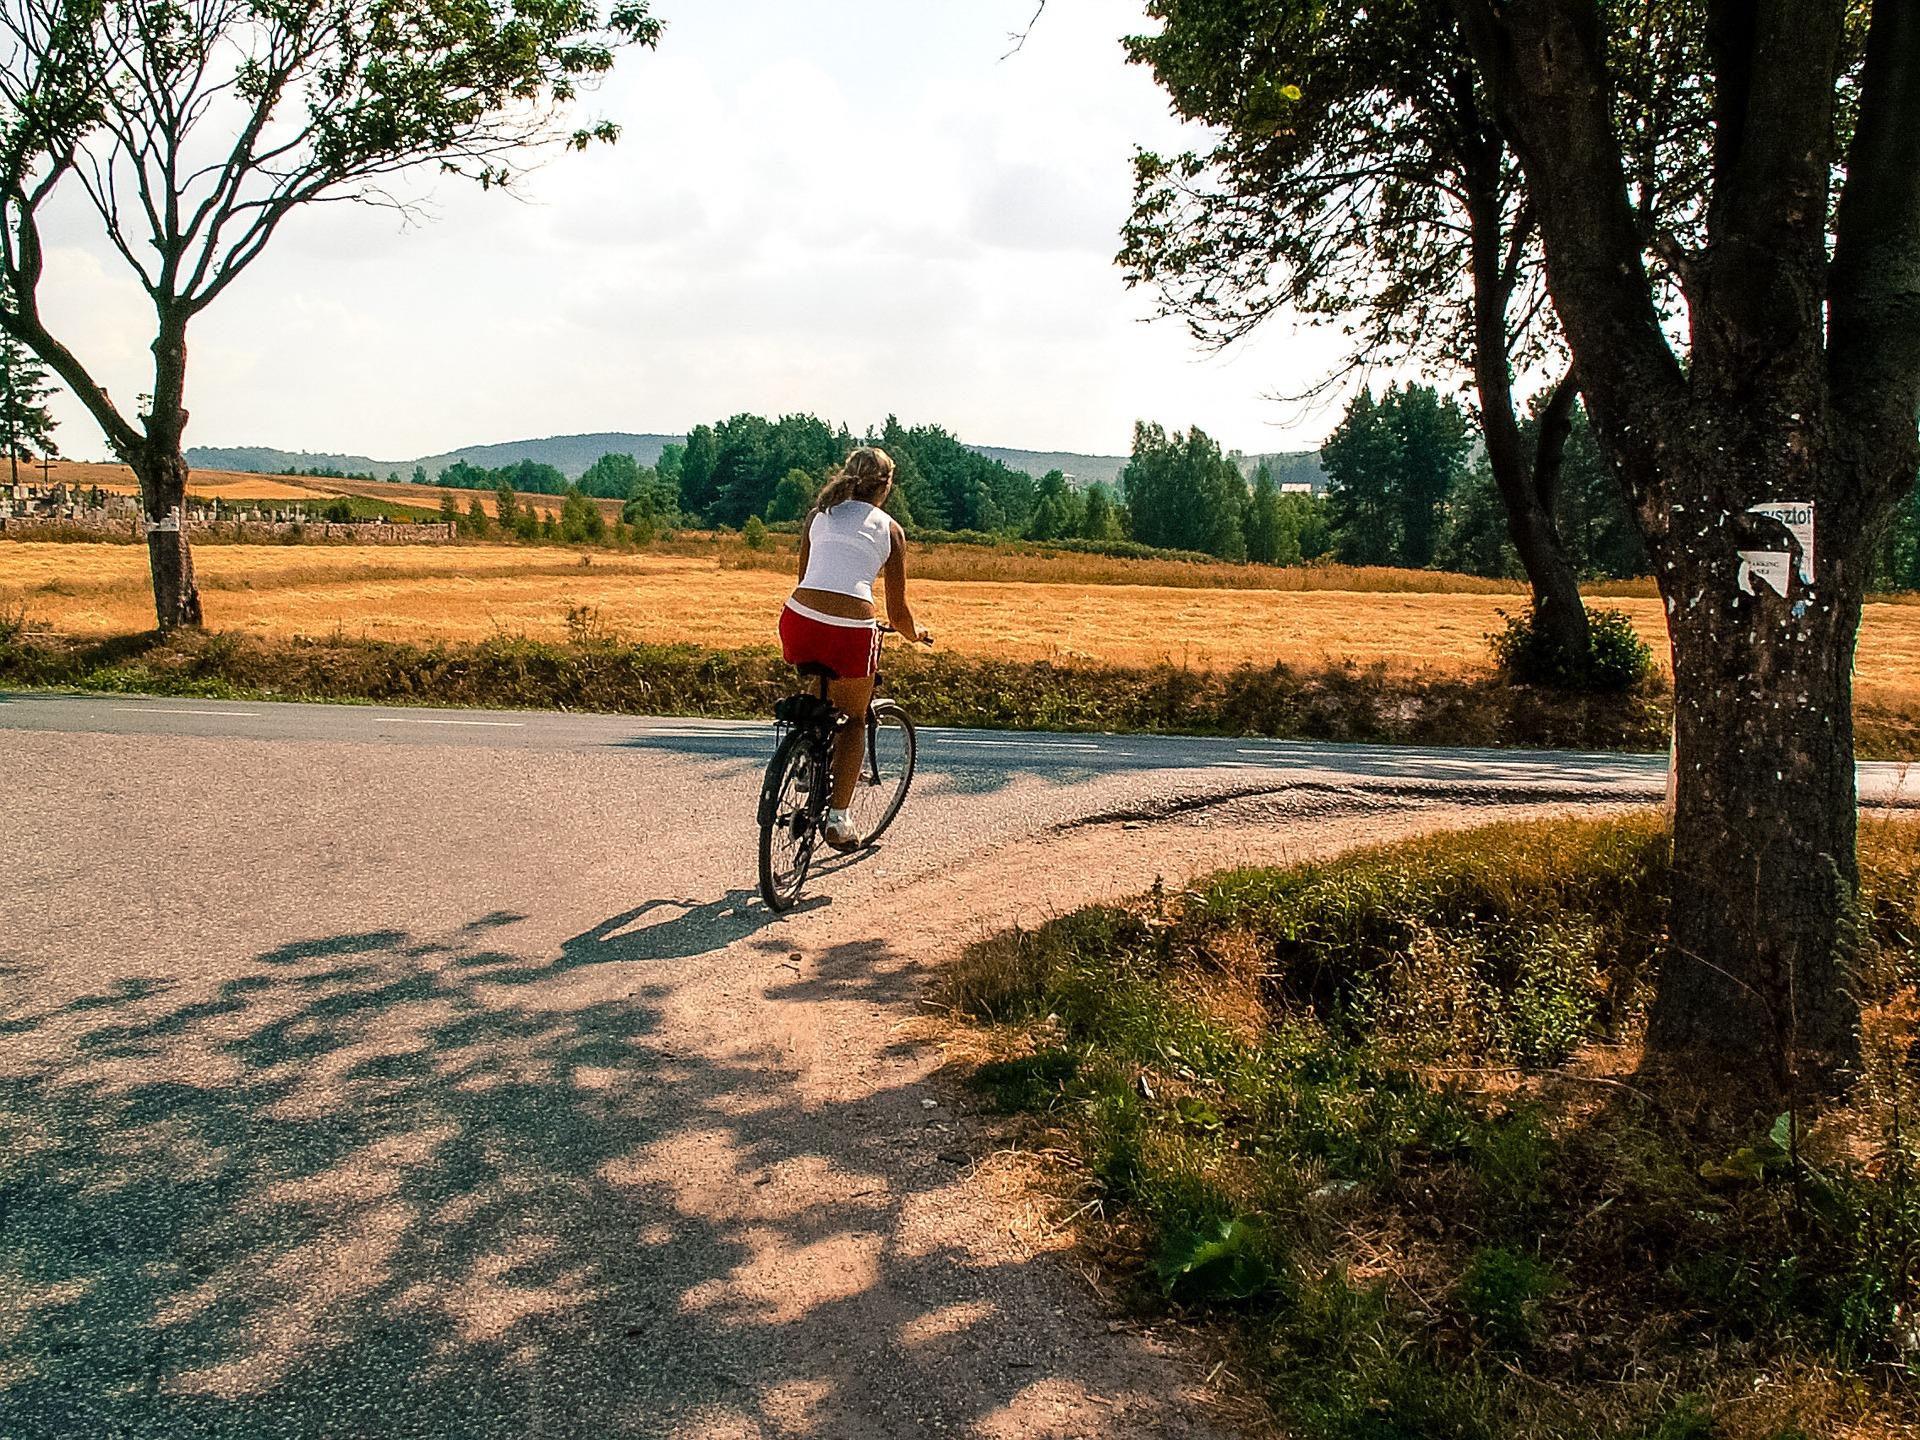 W trosce o bezpieczeństwo pieszych i rowerzystów